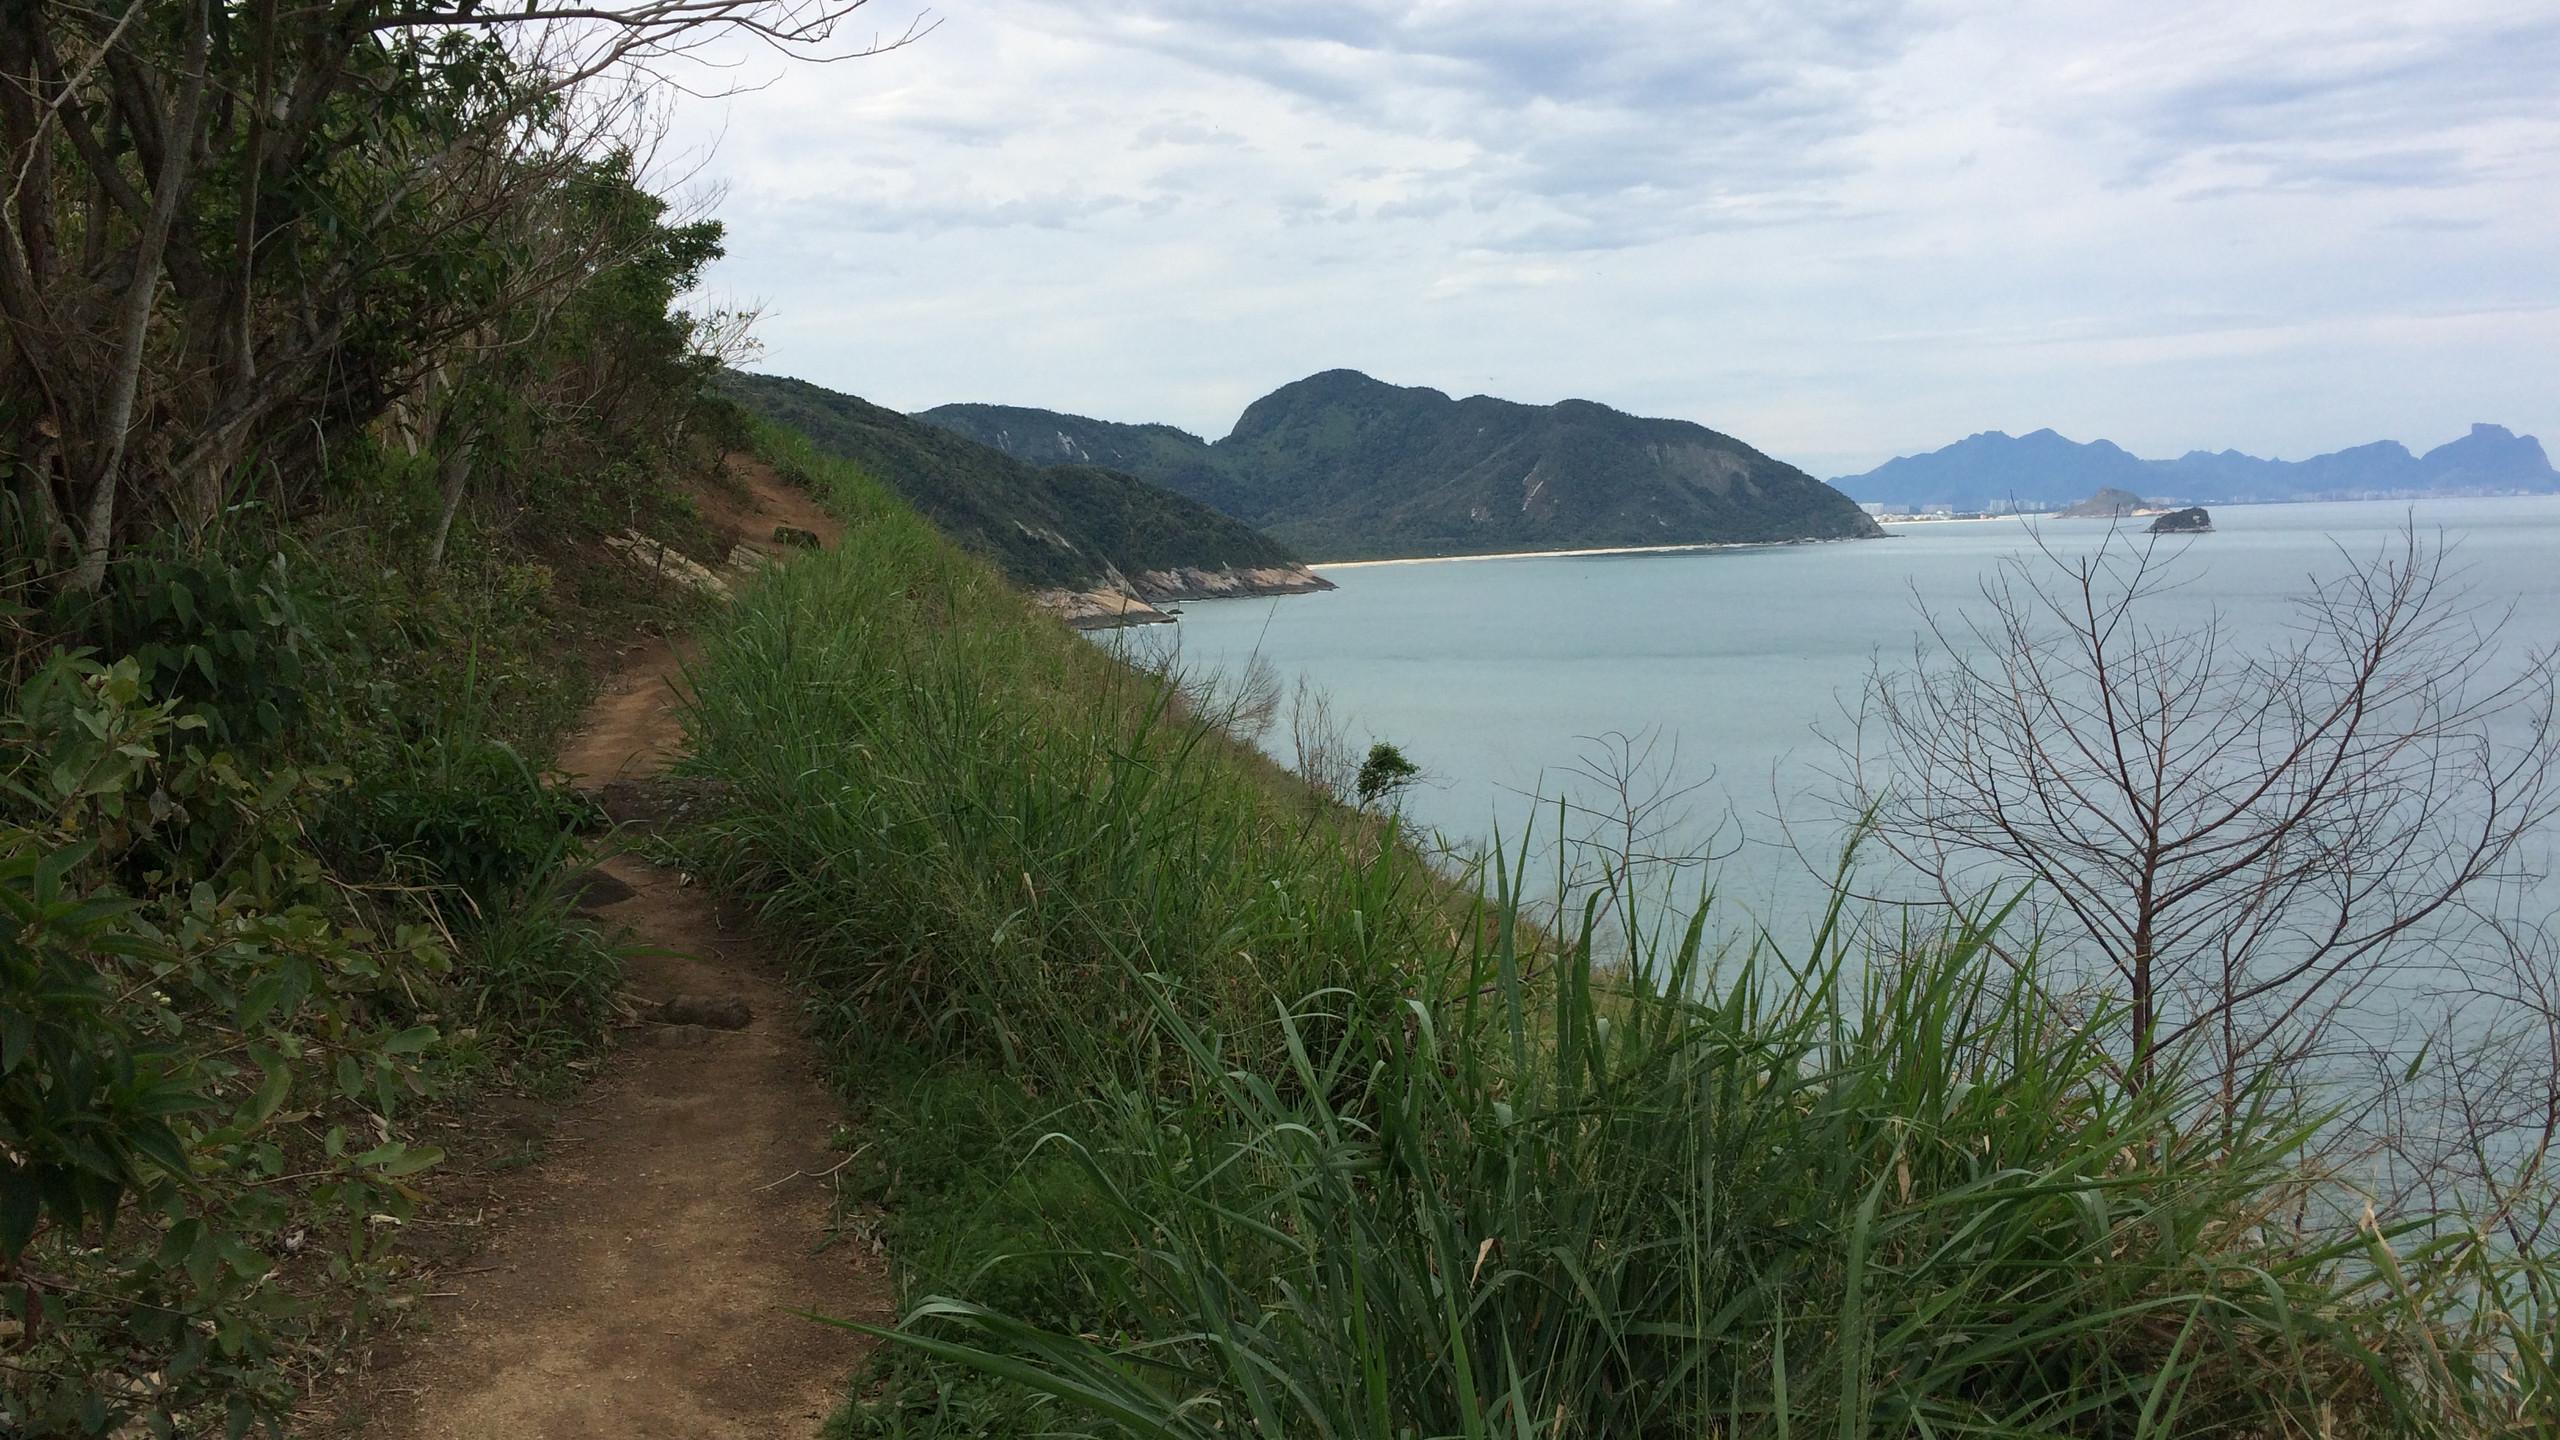 Hiking to Praia o Meio